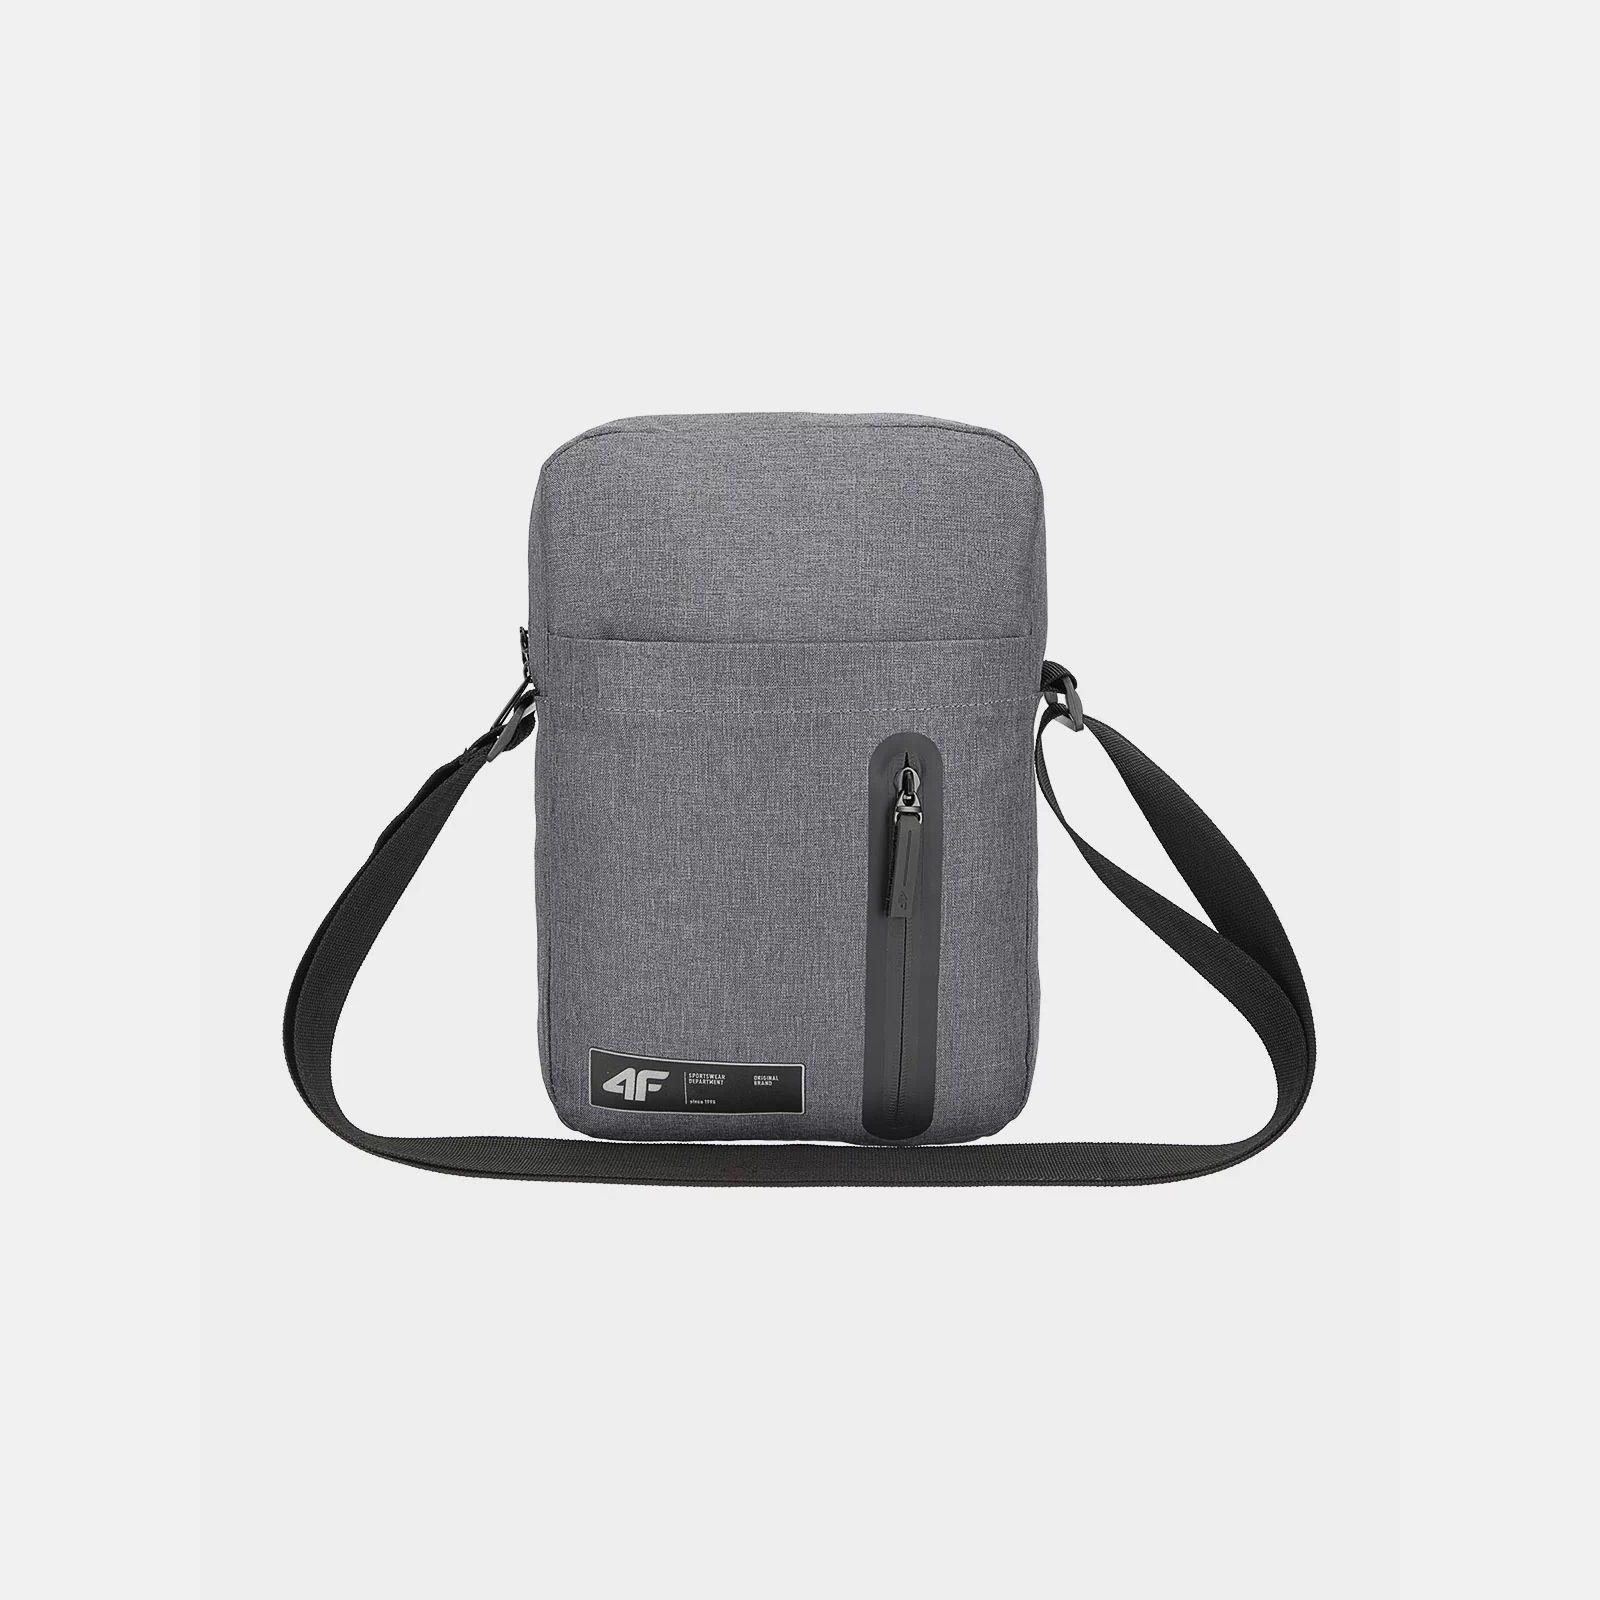 Rucsaci & Genți -  4f Shoulder Bag TRU002